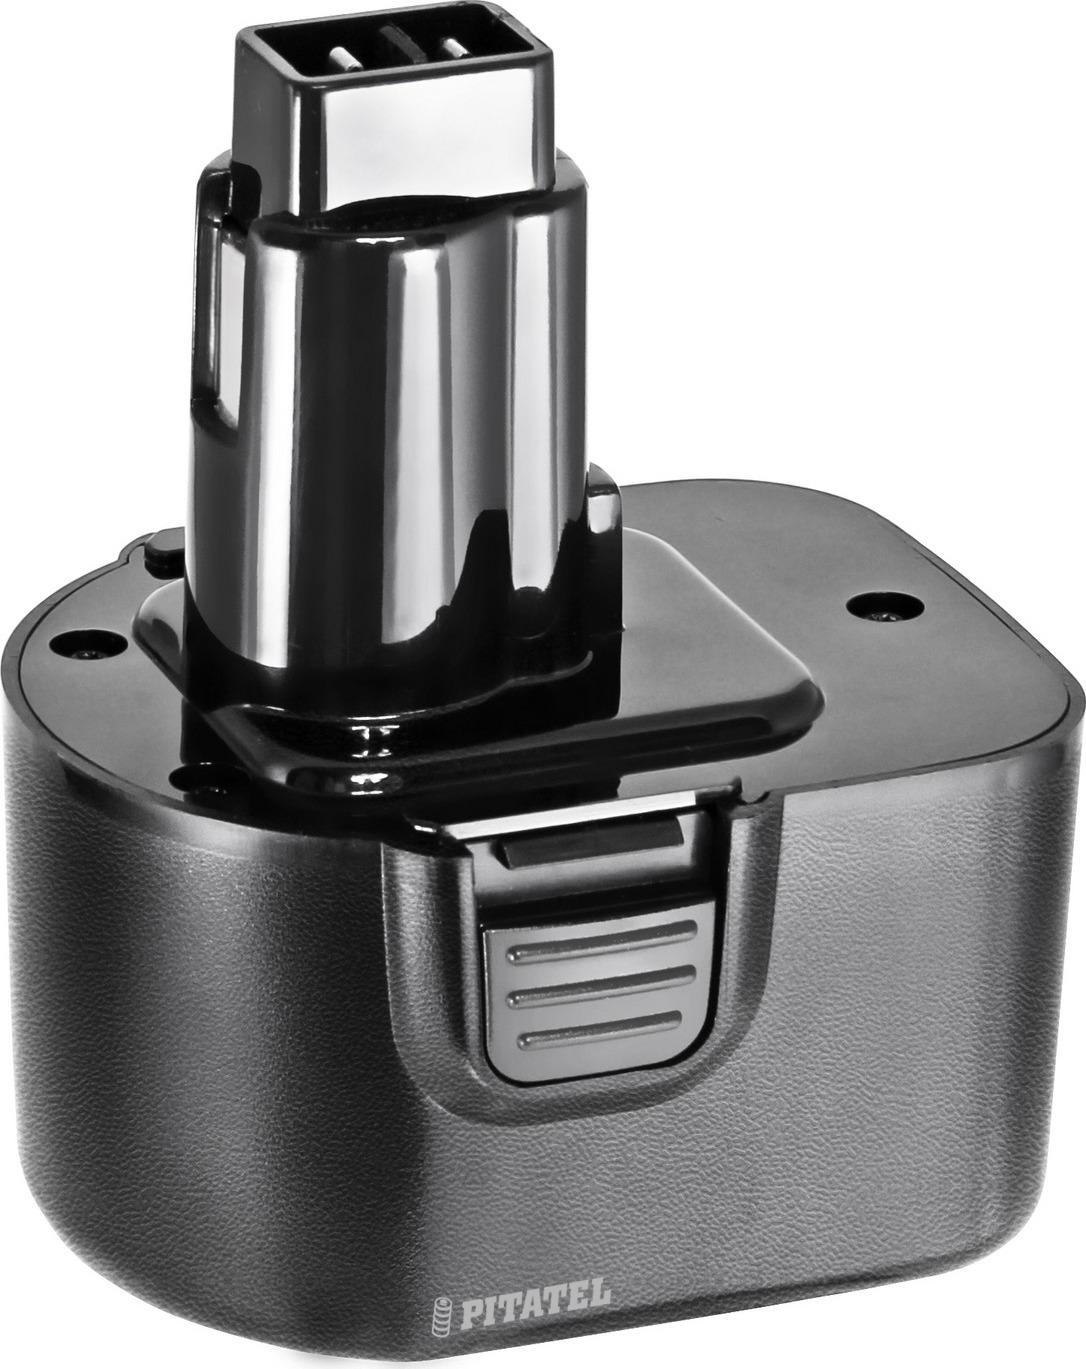 Аккумулятор для инструмента Pitatel для DEWALT. TSB-056-DE12/BD12A-13C 2x 12v 3 0 ah 3000mah nimh replacement battery for dewalt cordless power tools de9037 de9071 de9072 de9074